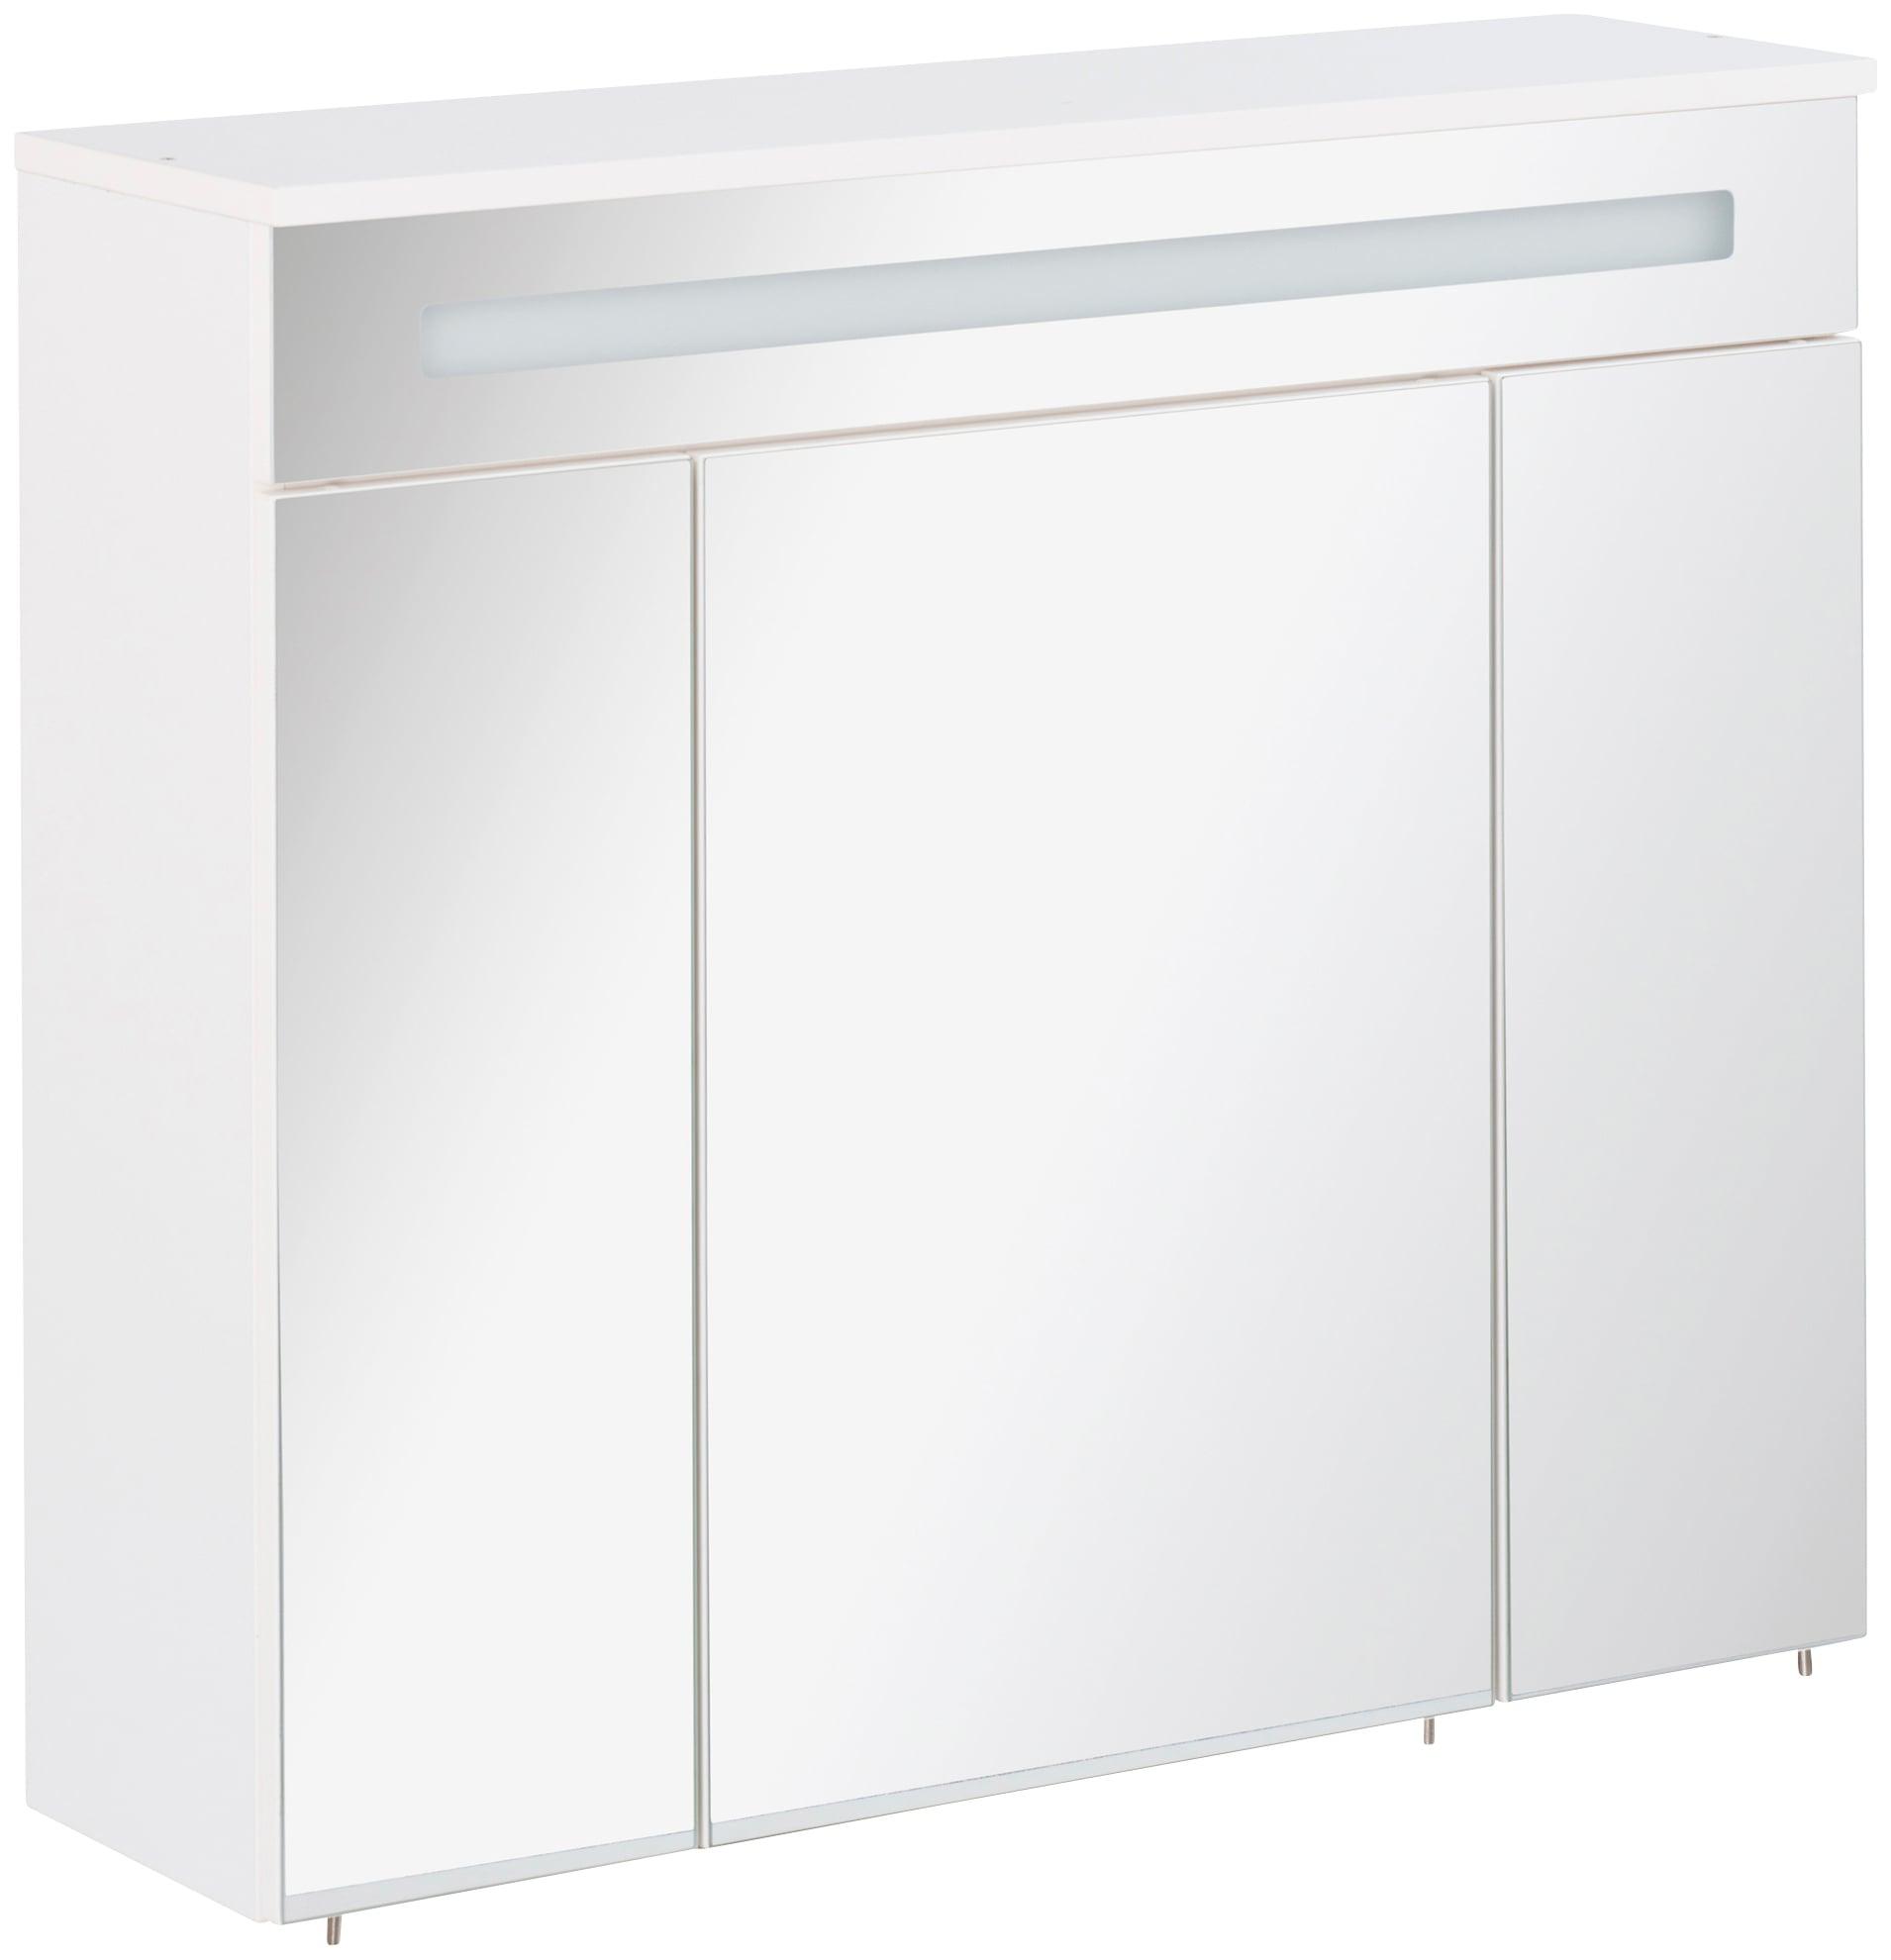 FACKELMANN Spiegelschrank Kara, Breite 80 cm, LED-Badspiegelschrank weiß Spiegelschränke mit Beleuchtung Badmöbel